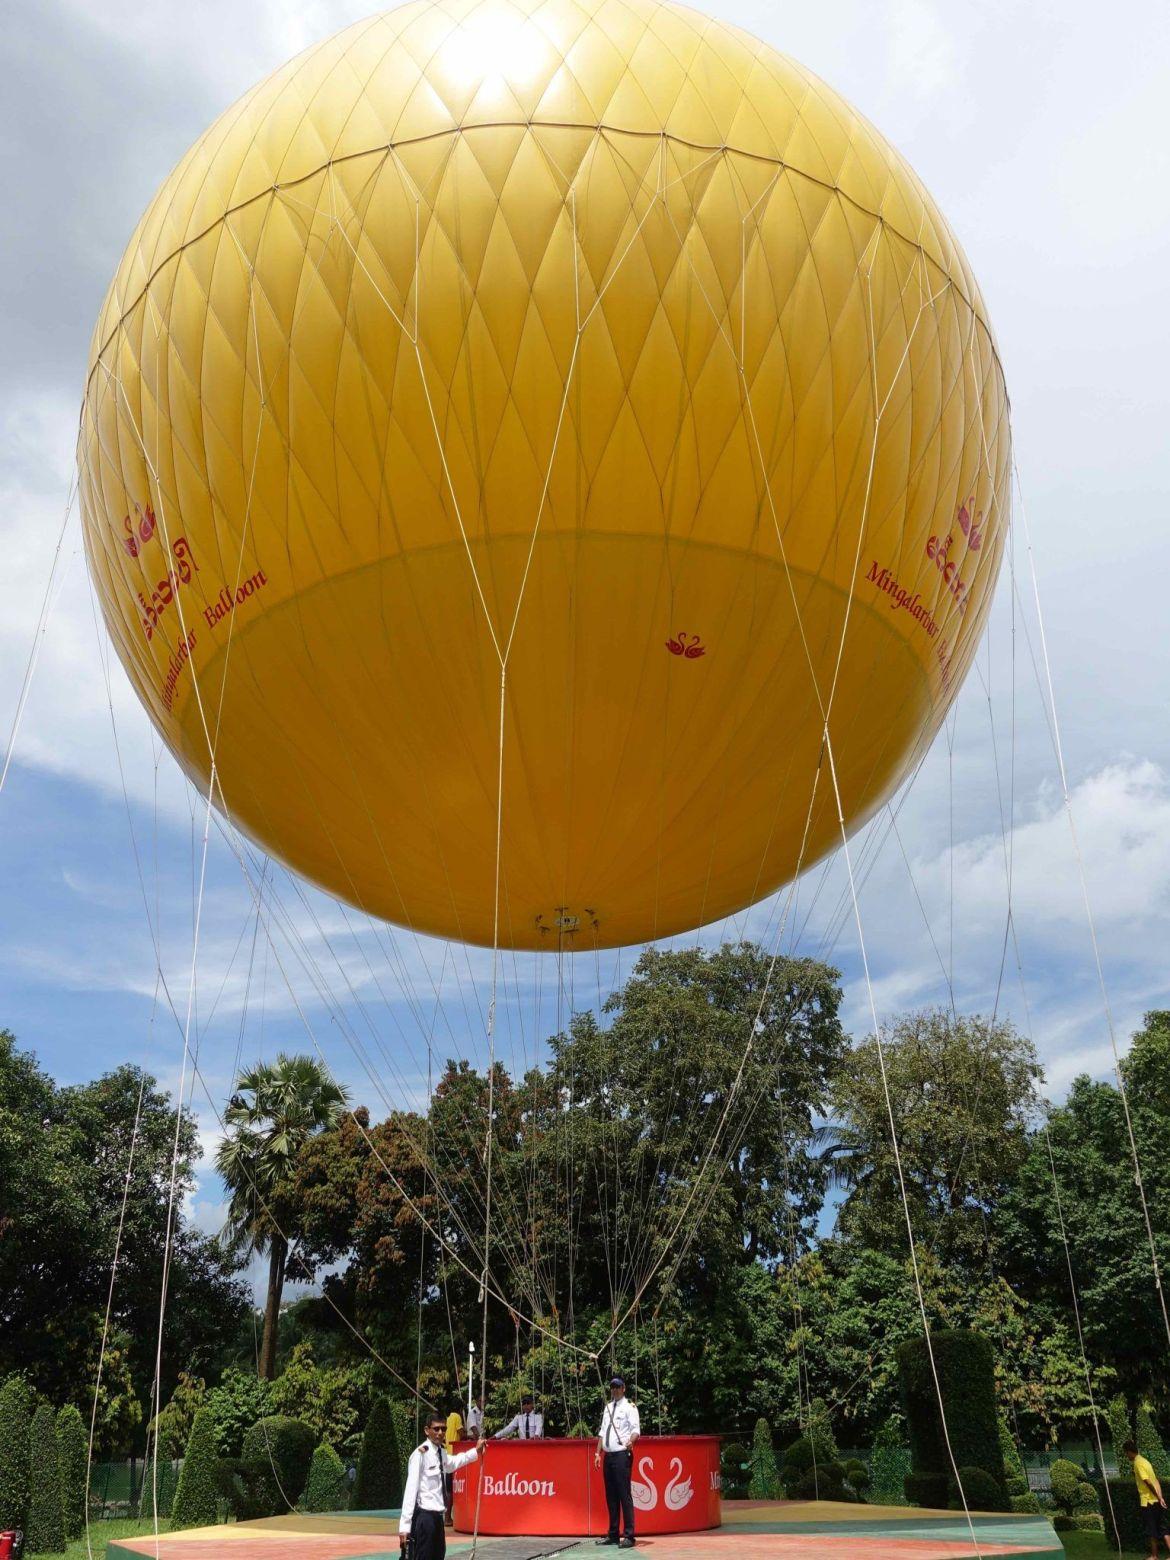 Mingalarbar Balloon